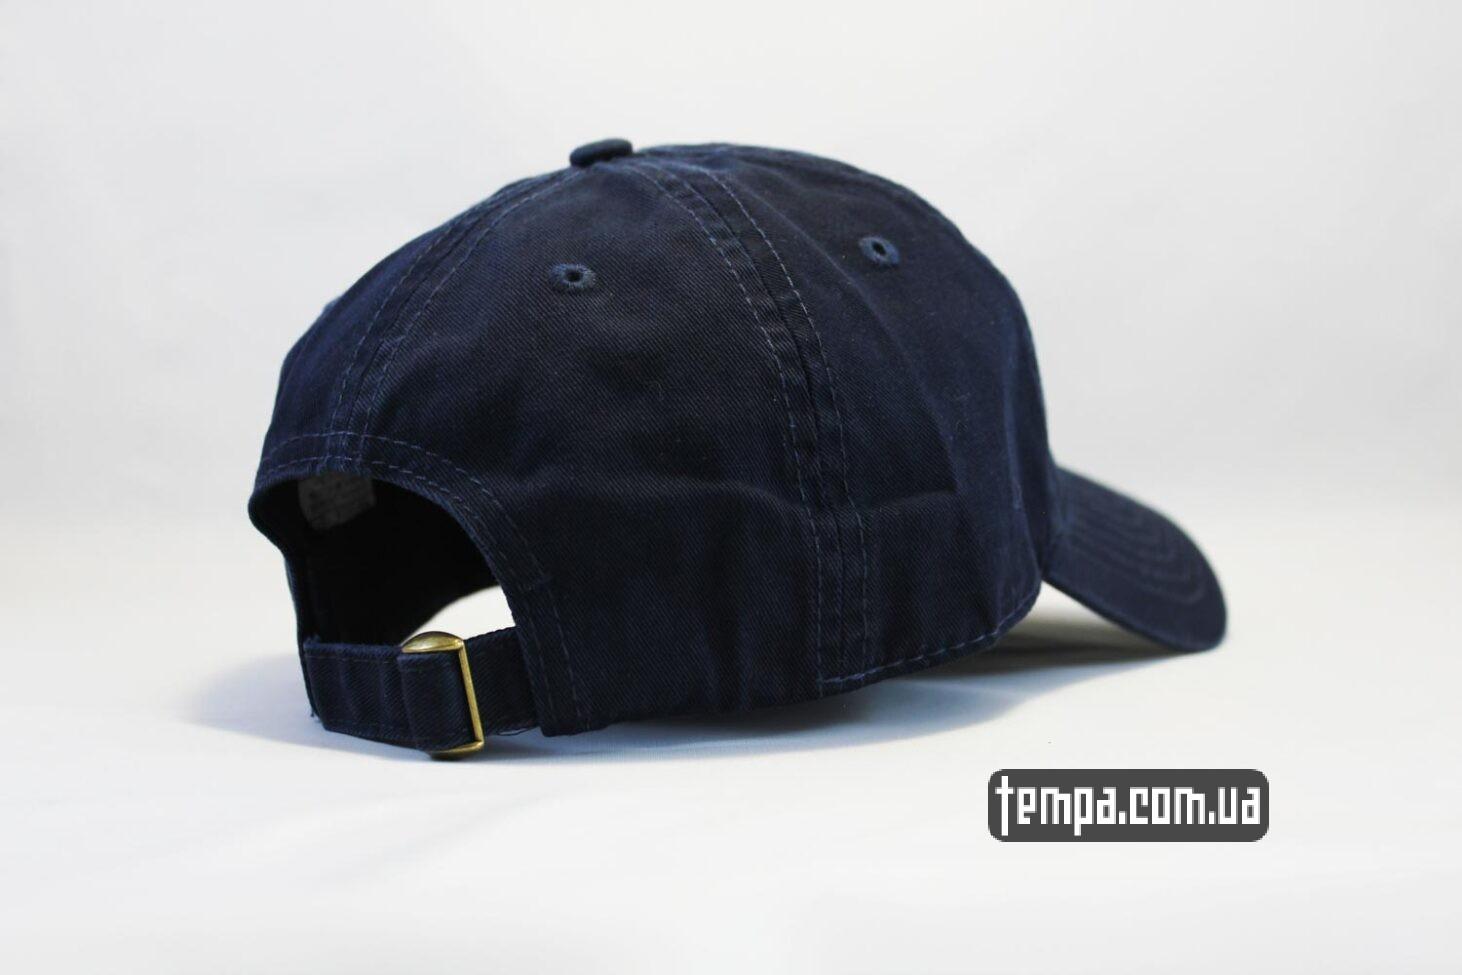 кархарт бейсболка купить кепка бейсболка Carhartt синяя кожаный логотип